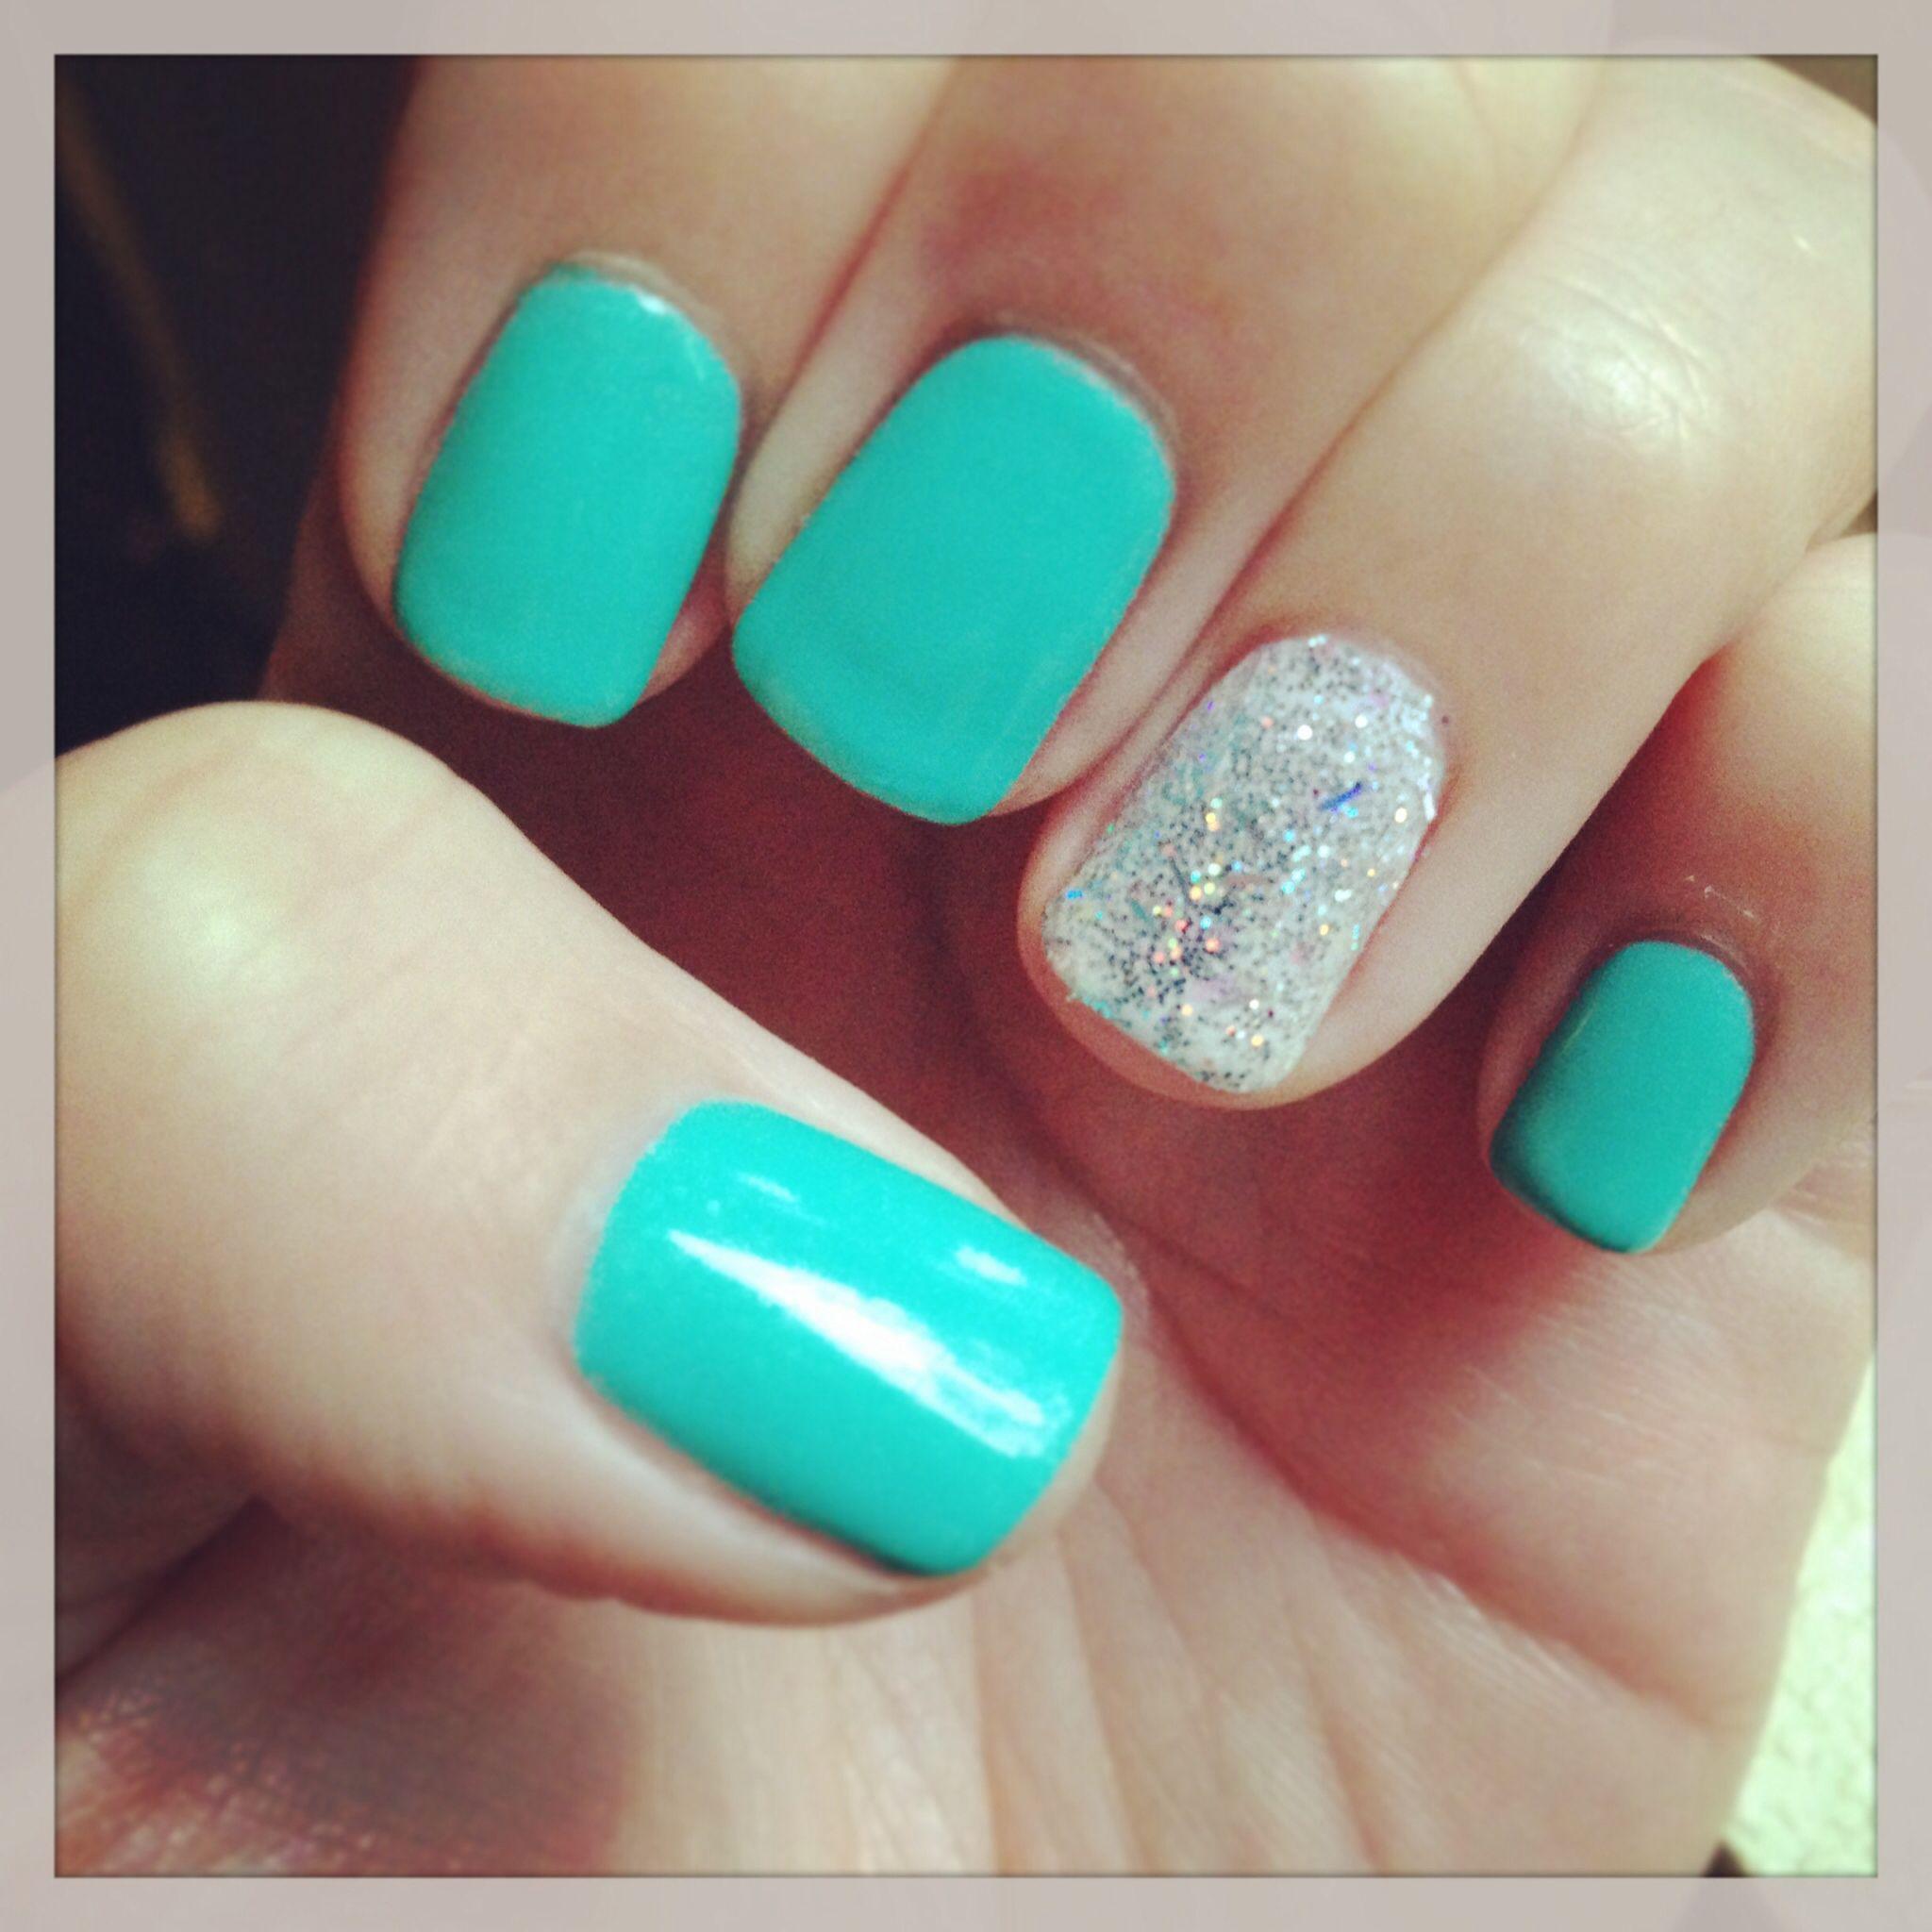 Nails tiffany blue gel shellac beautiful creative nails nails tiffany blue gel shellac prinsesfo Gallery